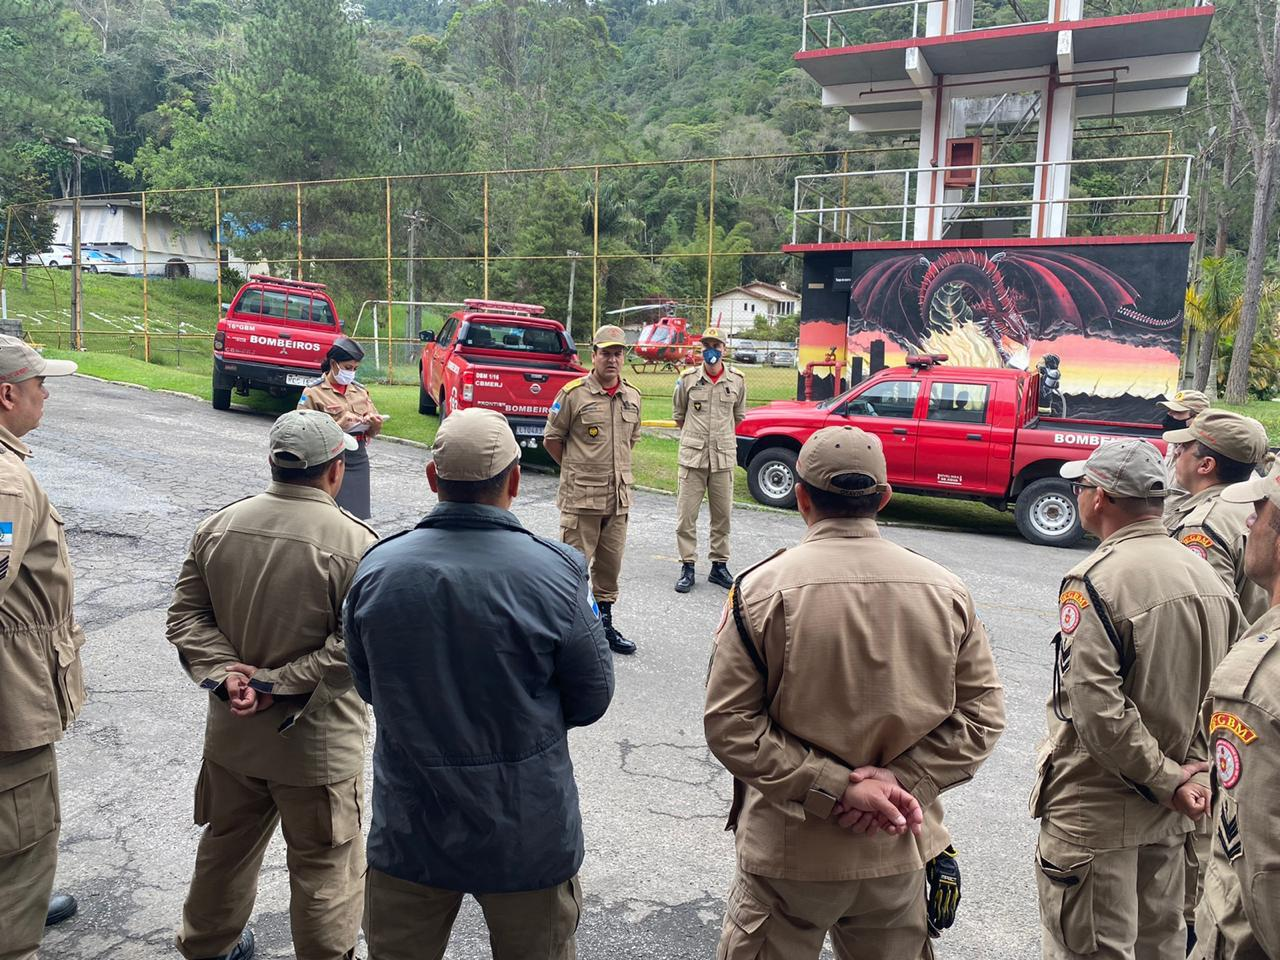 Comandante-geral do Corpo de Bombeiros visita  quartéis nas regiões Serrana e Baixada Fluminense